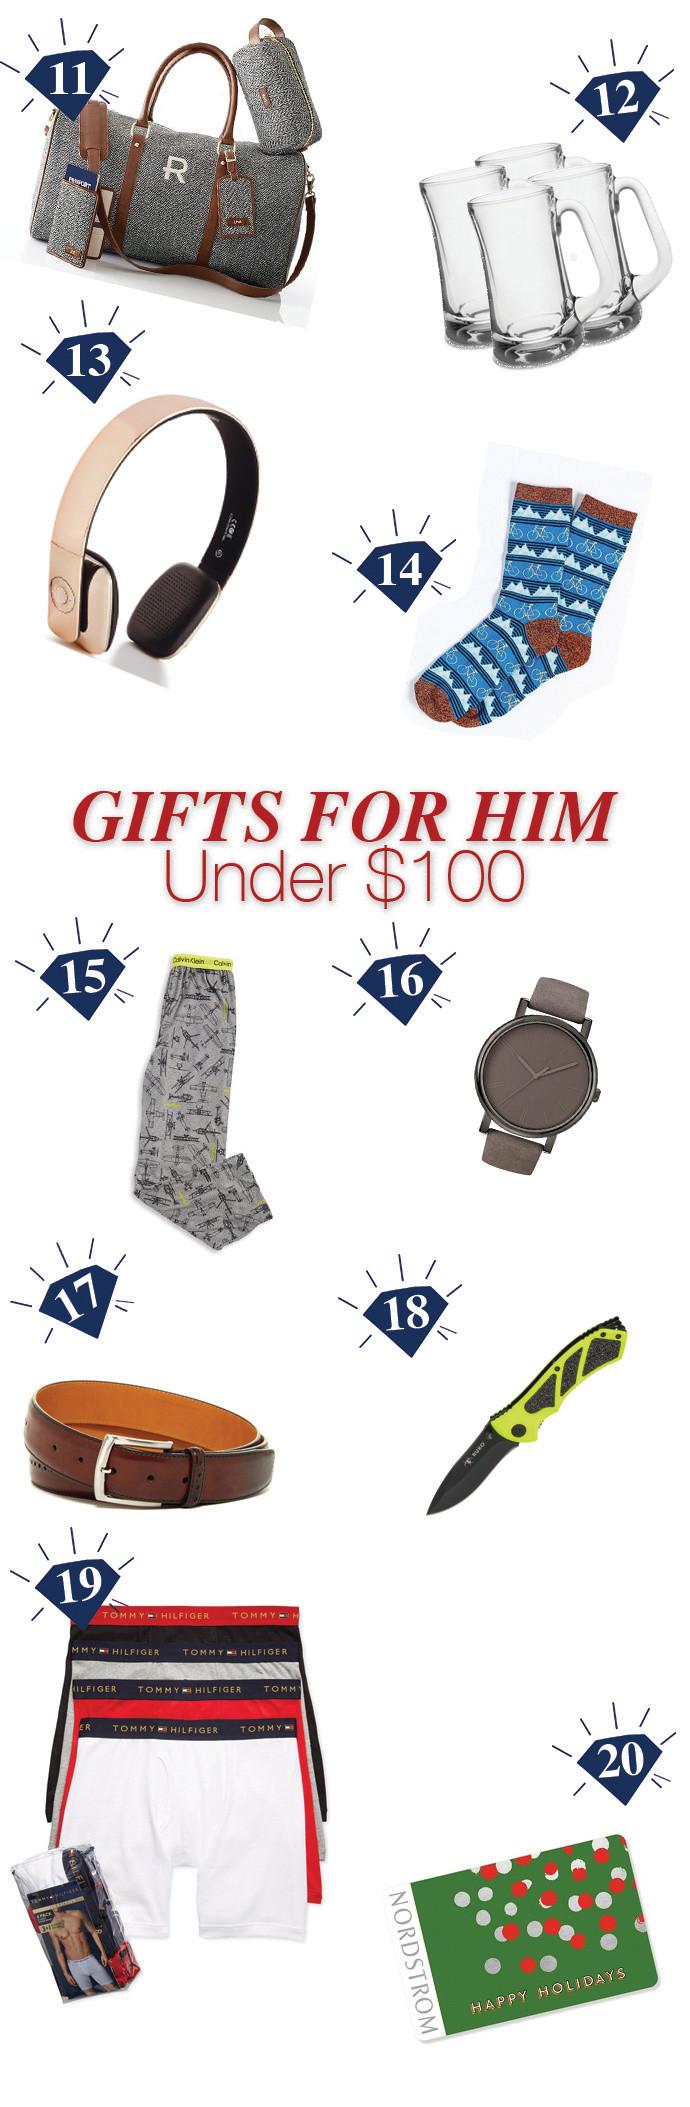 Gift Ideas for Him Under $100 - Gift Ides - Gift Guide 2016 - Cassandra Ann